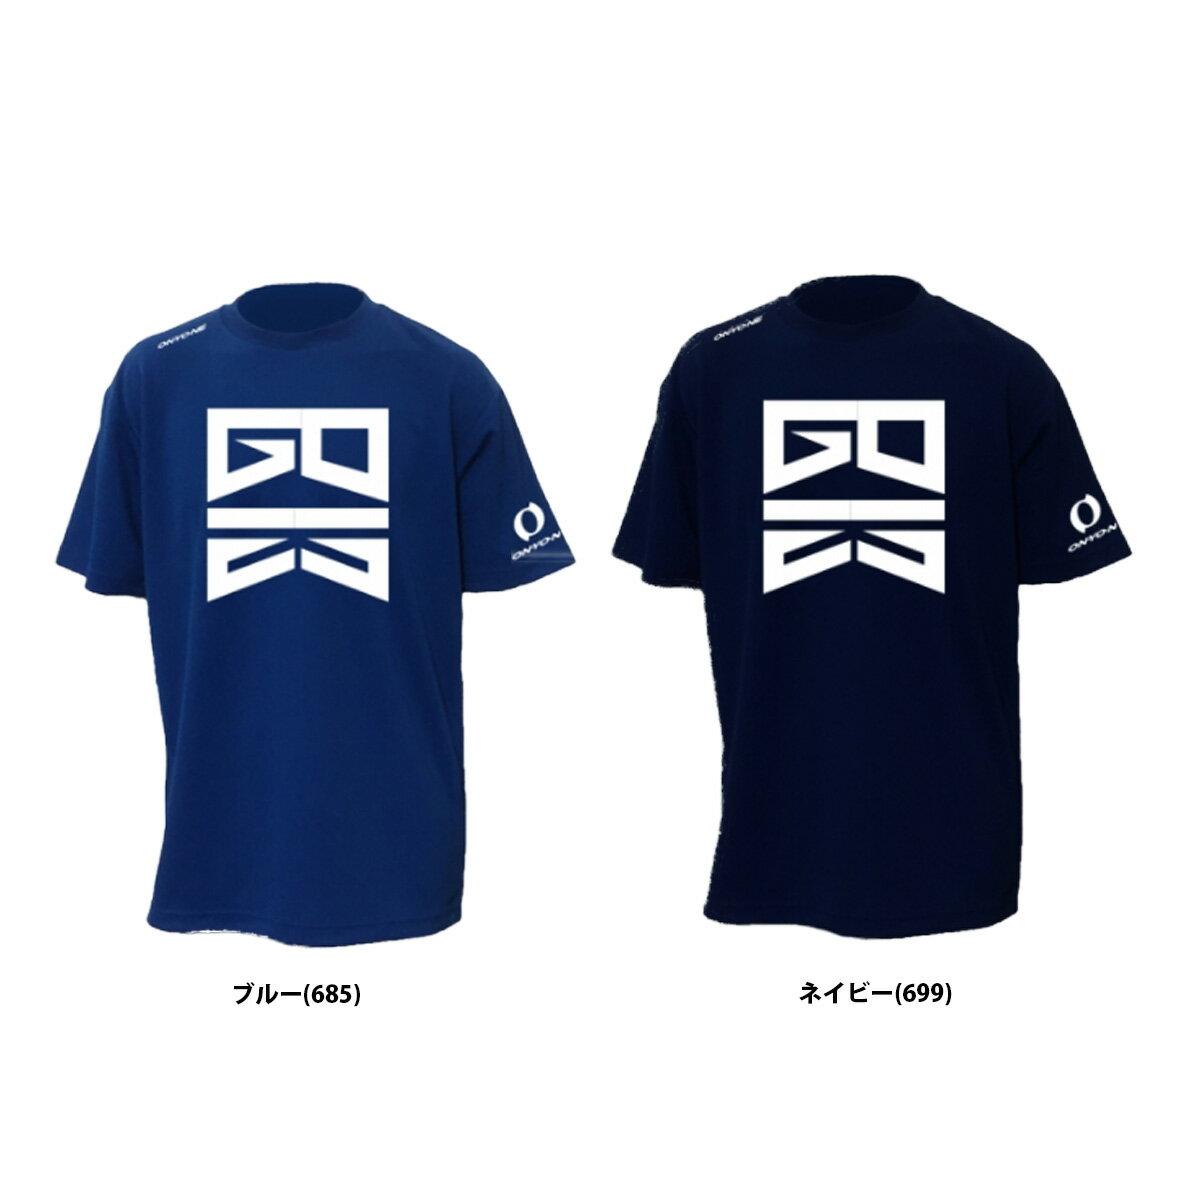 【あす楽対応】 オンヨネ 限定 筒香 嘉智 ONYONE コラボ グッズ ビッグロゴ Tシャツ 半袖 OKJ99G03 ウェア ウエア トレ-ニング 夏 野球用品 スワロースポーツ